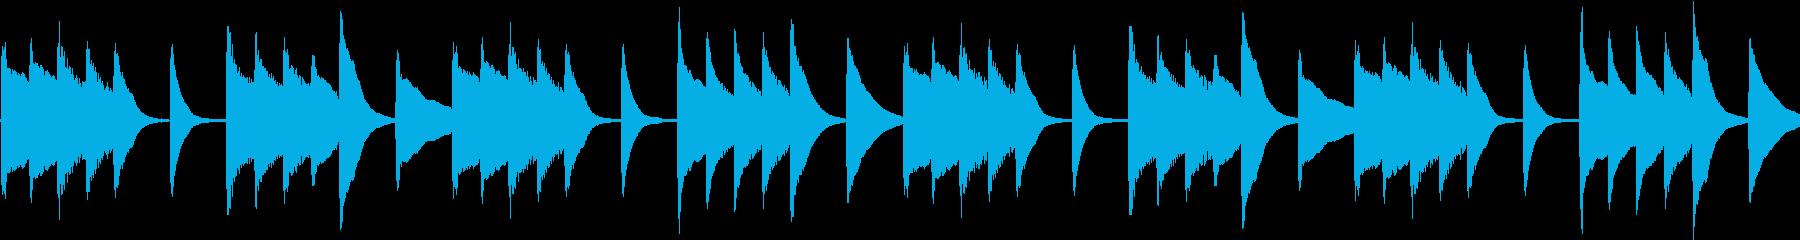 シンプル 洗練 和風ピアノ 【ループ】の再生済みの波形